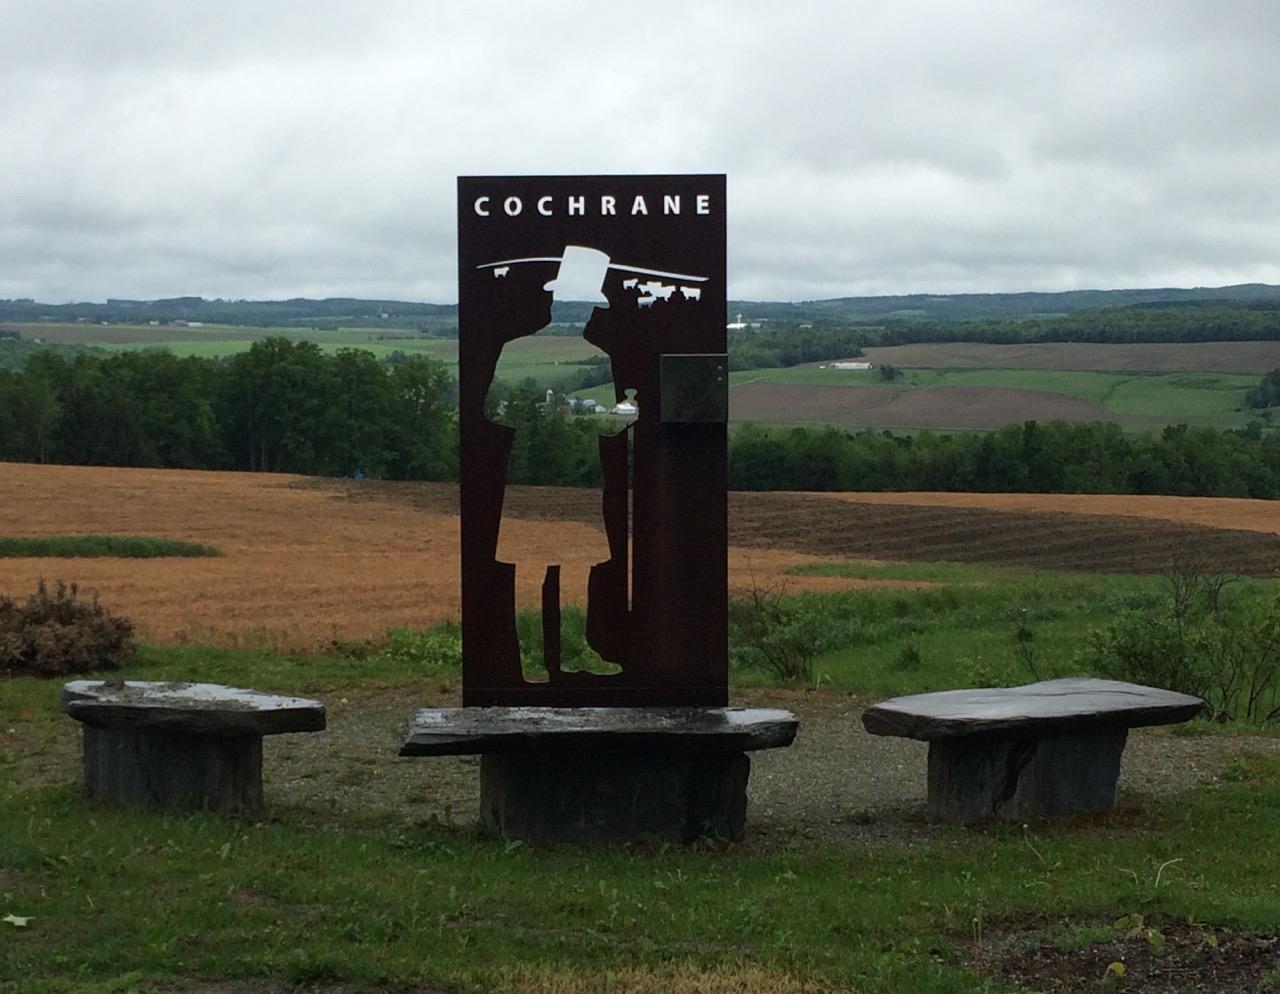 cochrane-sign-day1.jpg